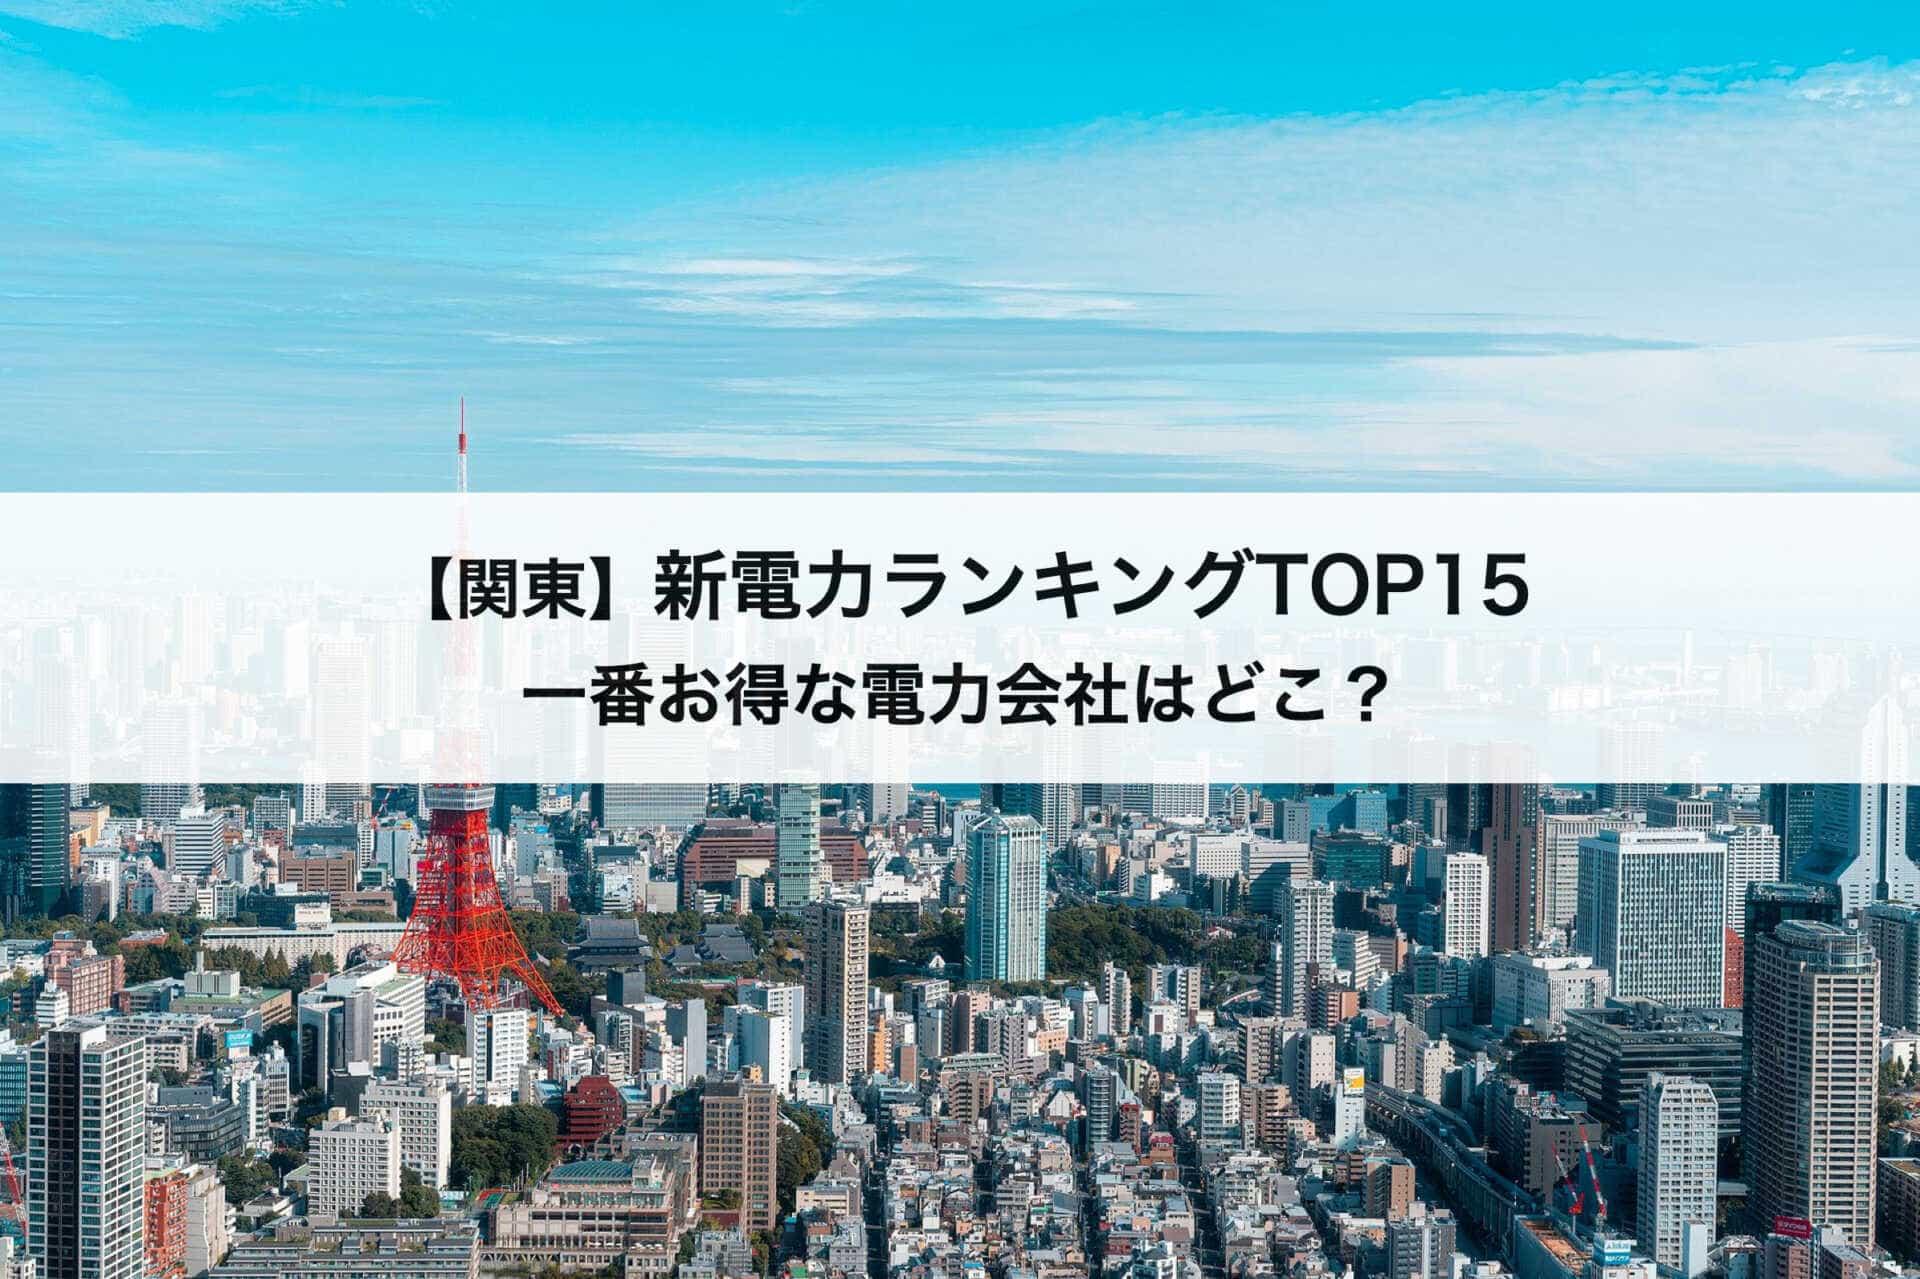 【関東】新電力会社おすすめランキングTOP15 東京電力と比較してどのくらい安い?